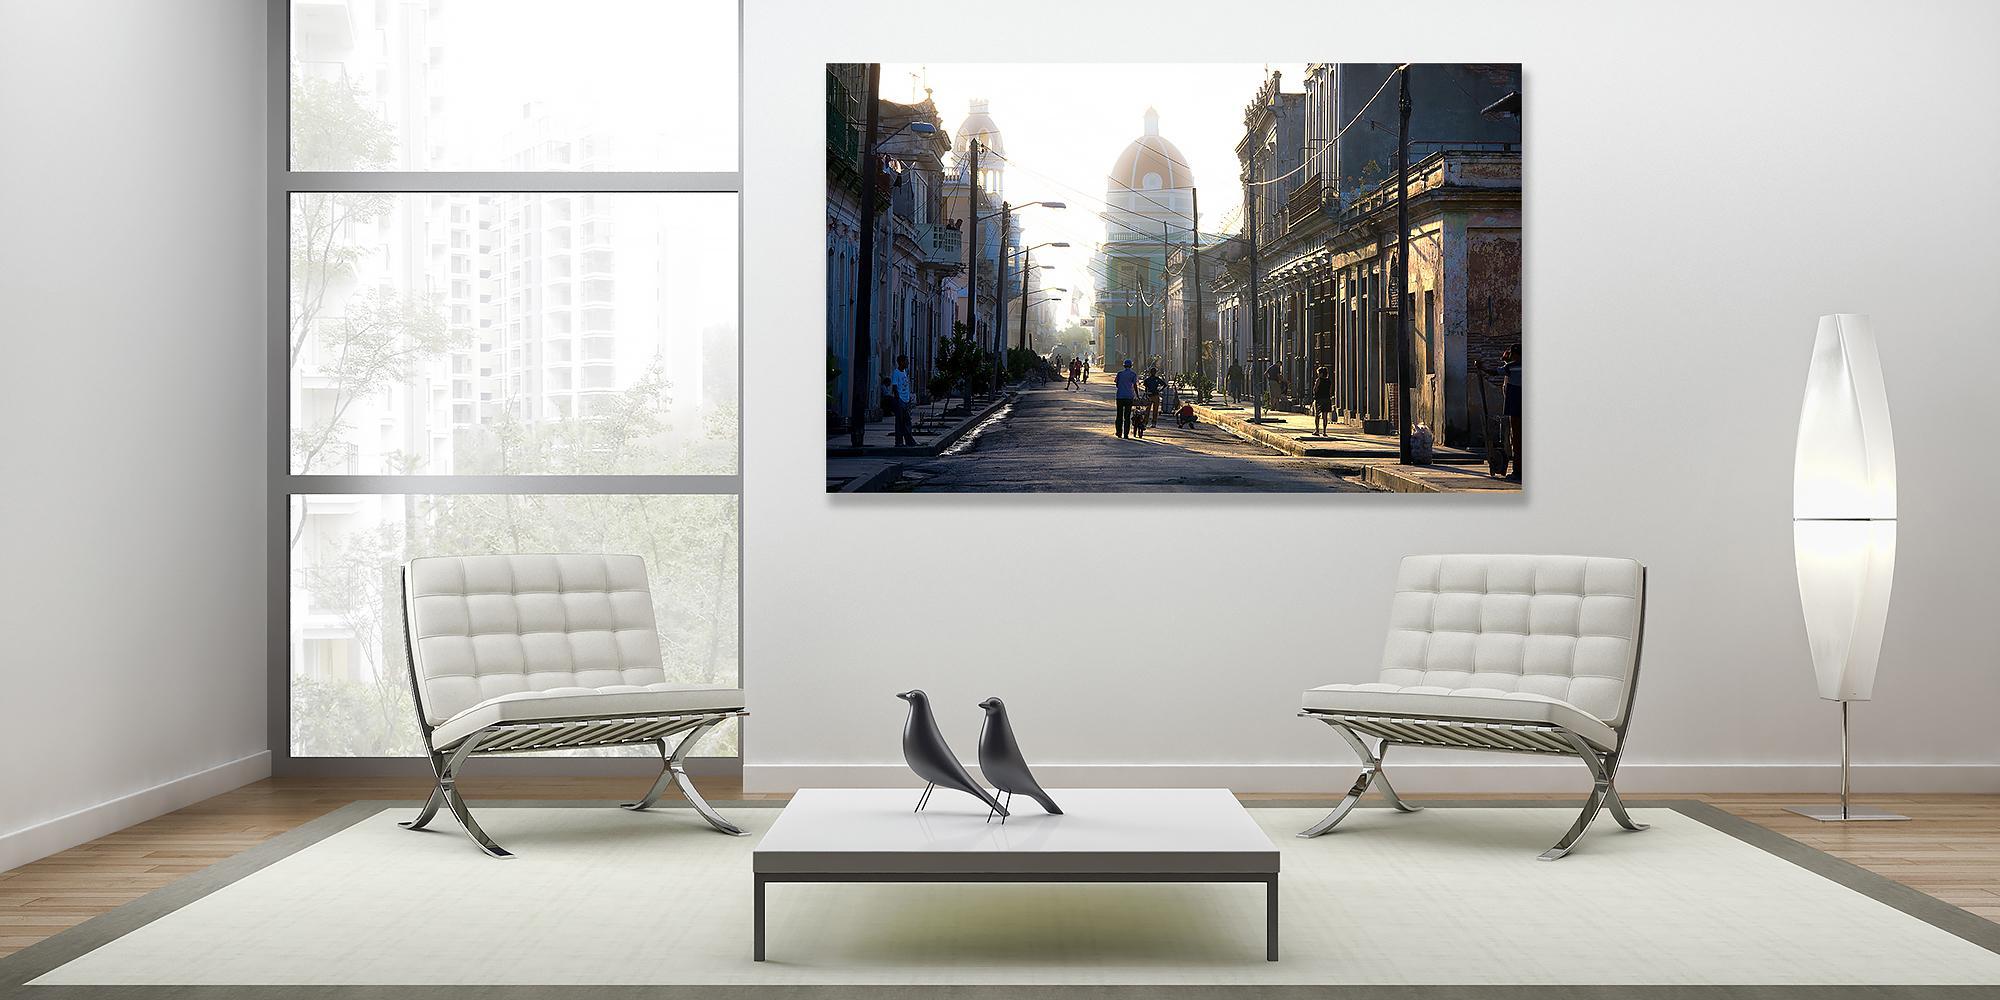 wandbild • bilder & ideen • couchstyle, Wohnzimmer